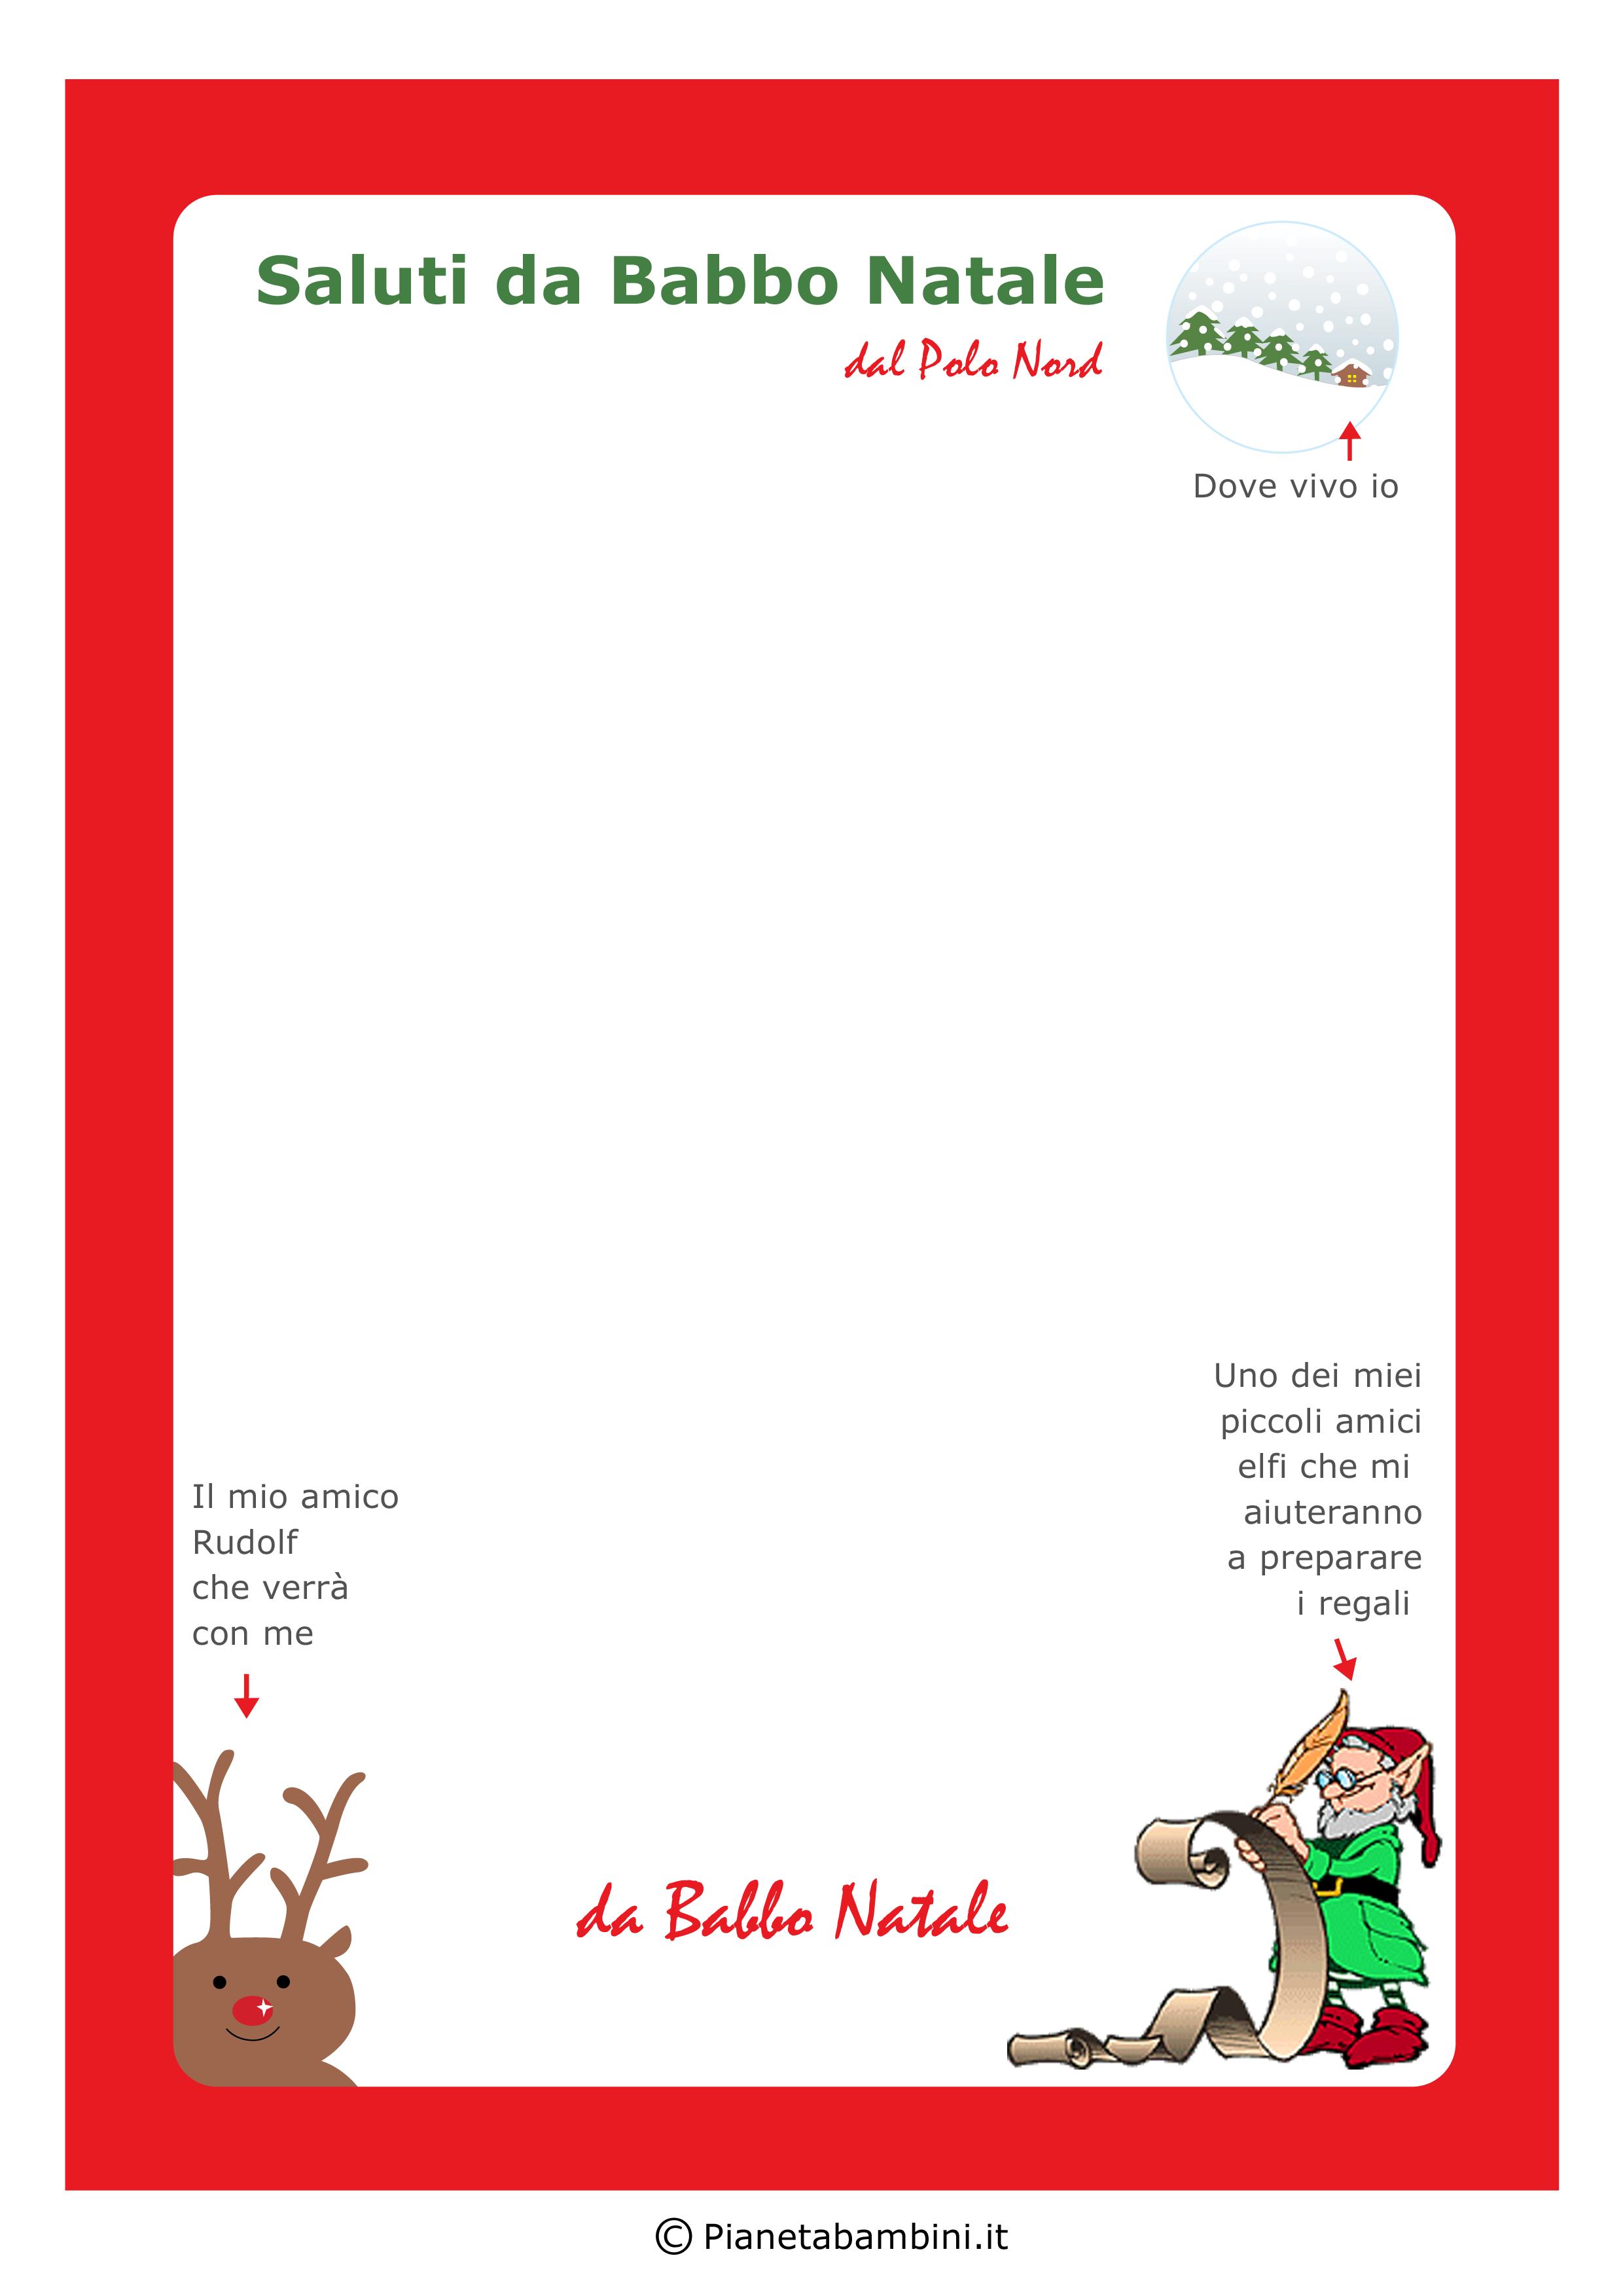 Immagine della lettera da Babbo Natale